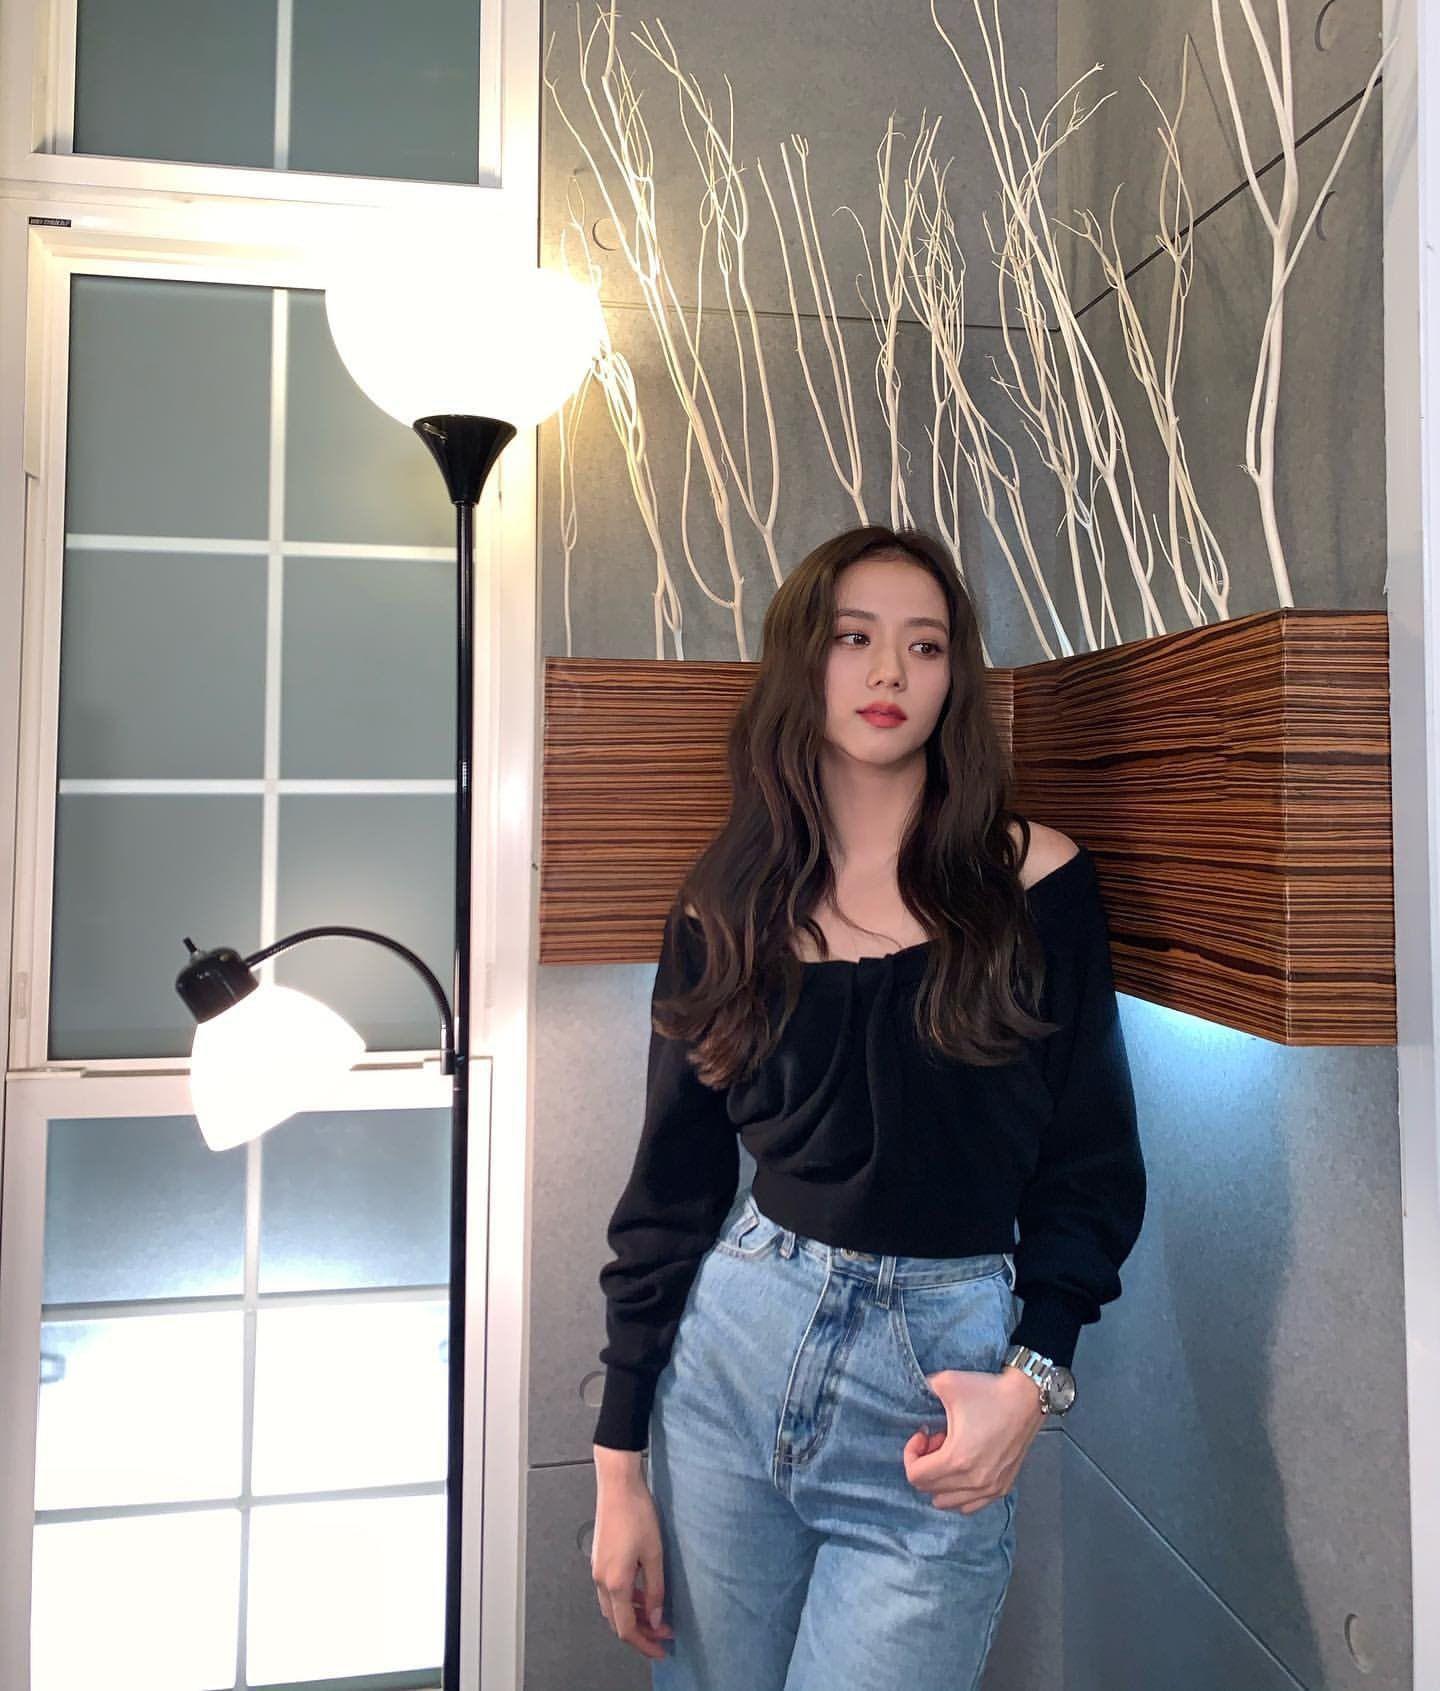 Những mỹ nhân hot nhất Kbiz đều đang mê mệt kiểu áo trễ nải này: Jennie, Jisoo, Irene… không ngại đụng hàng liên hoàn - Ảnh 2.